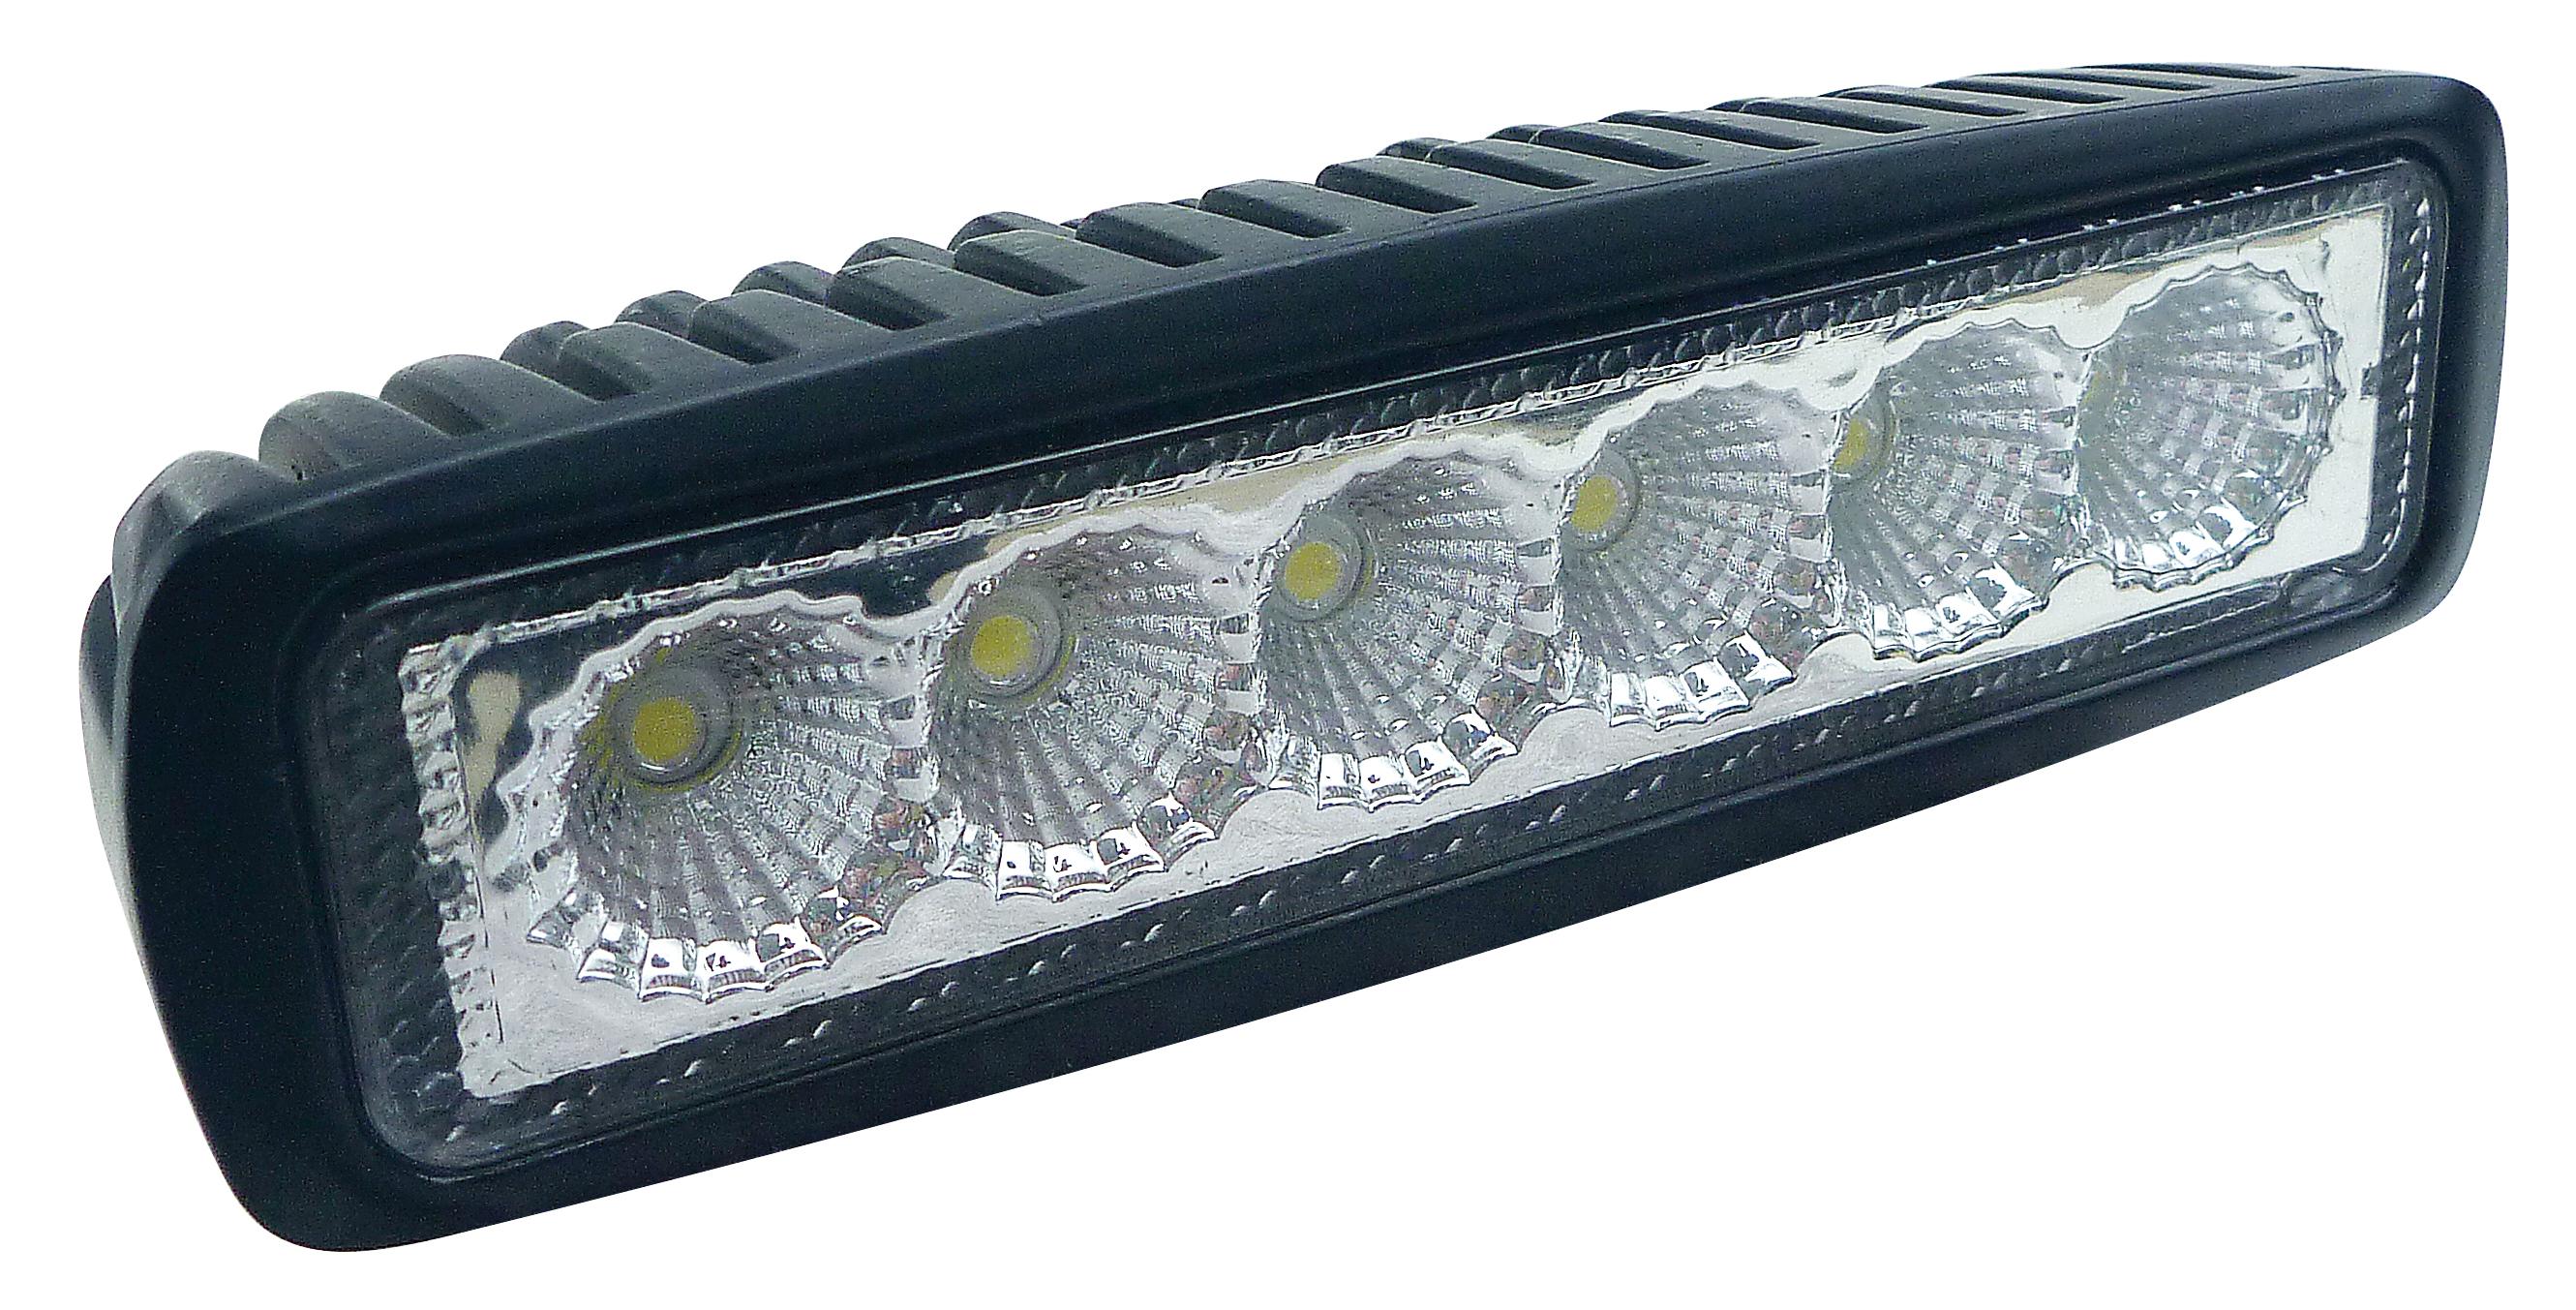 Tuff Gear 160mm X 45mm 18watt Led Driving Light Flood T Max